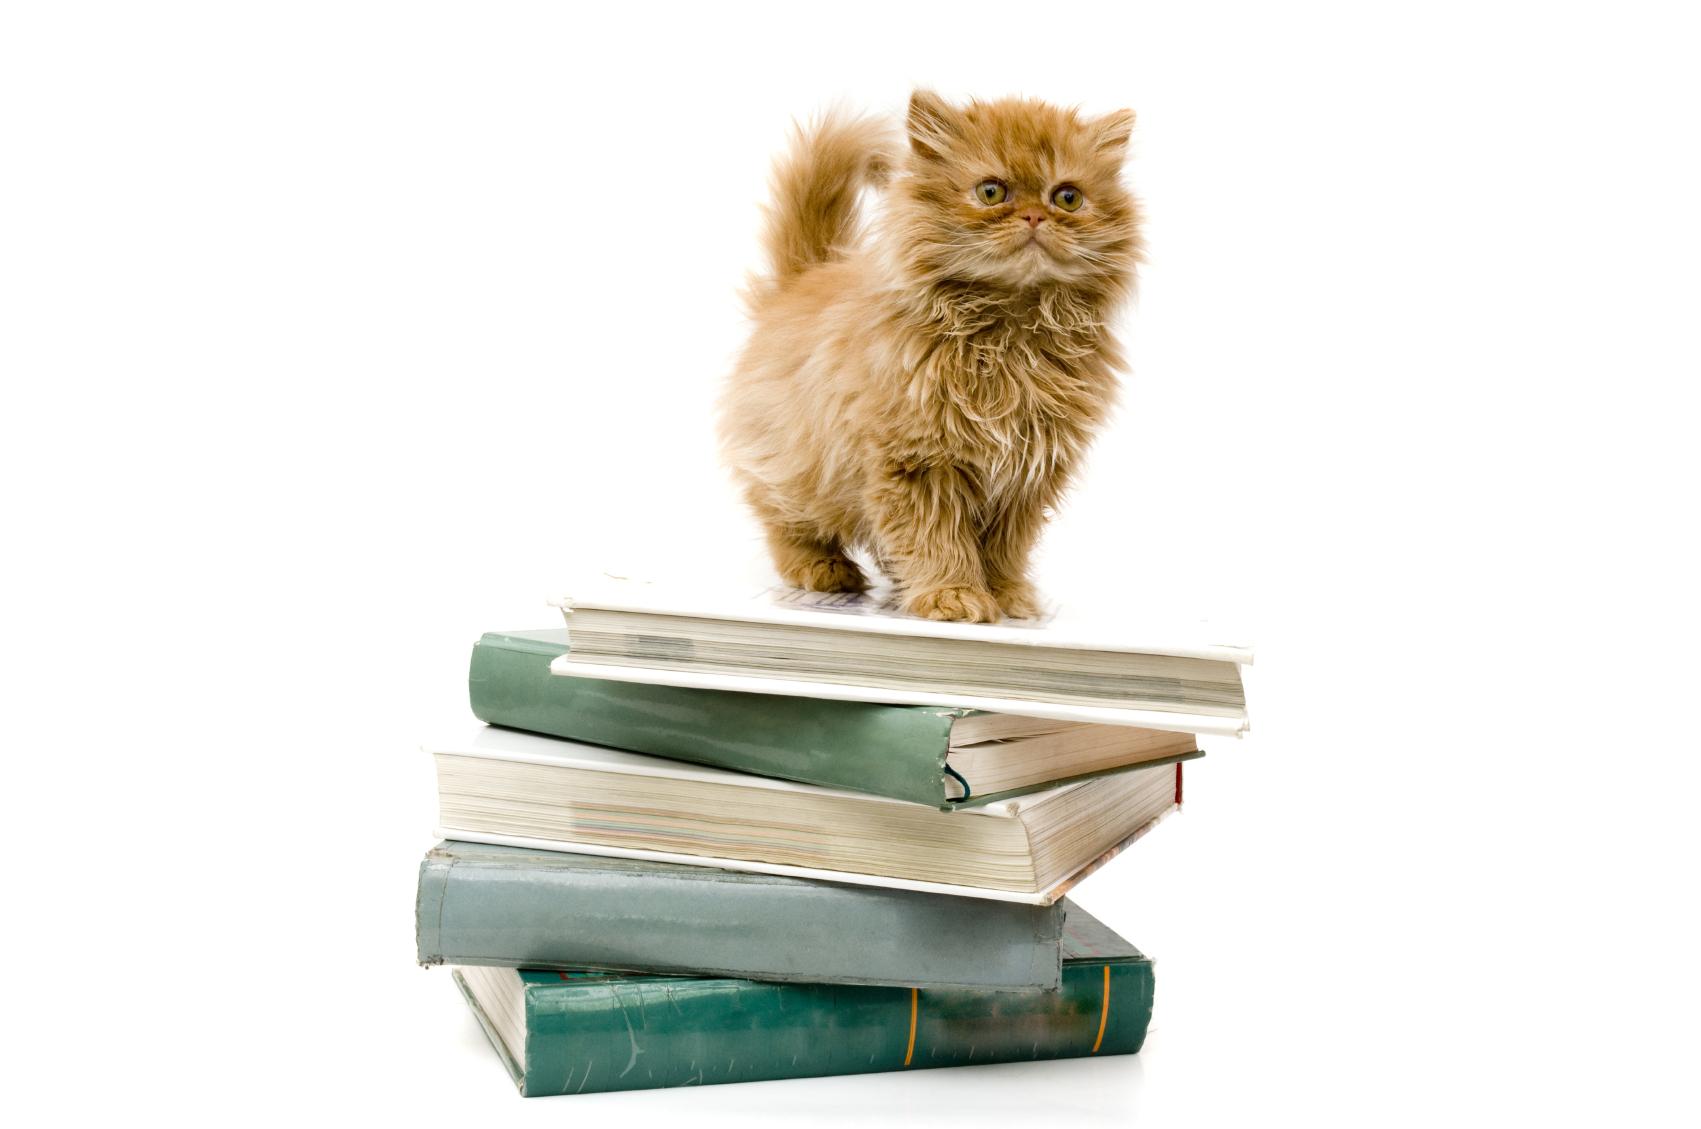 Котенок с книгой бесплатно